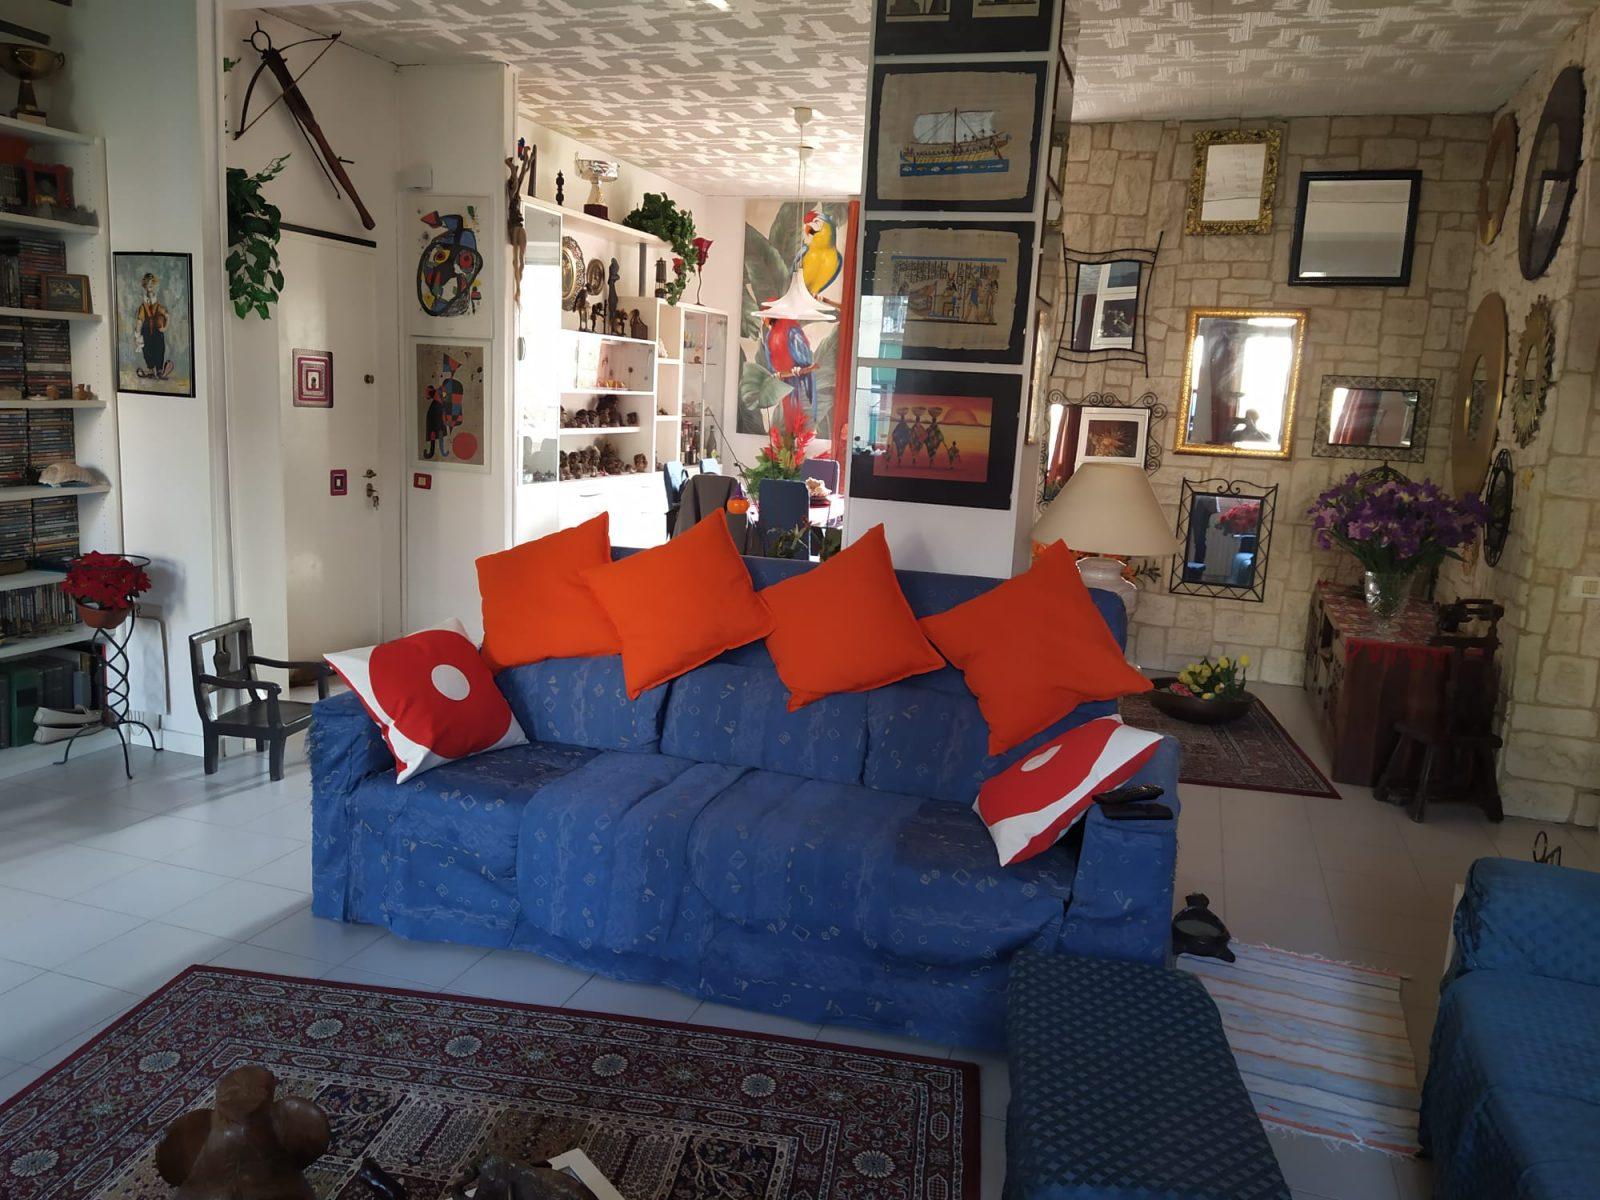 appartamento-in-vendita-a-milano-bagio-3-locali-via-cabella-spaziourbano-immobiliare-vende-10